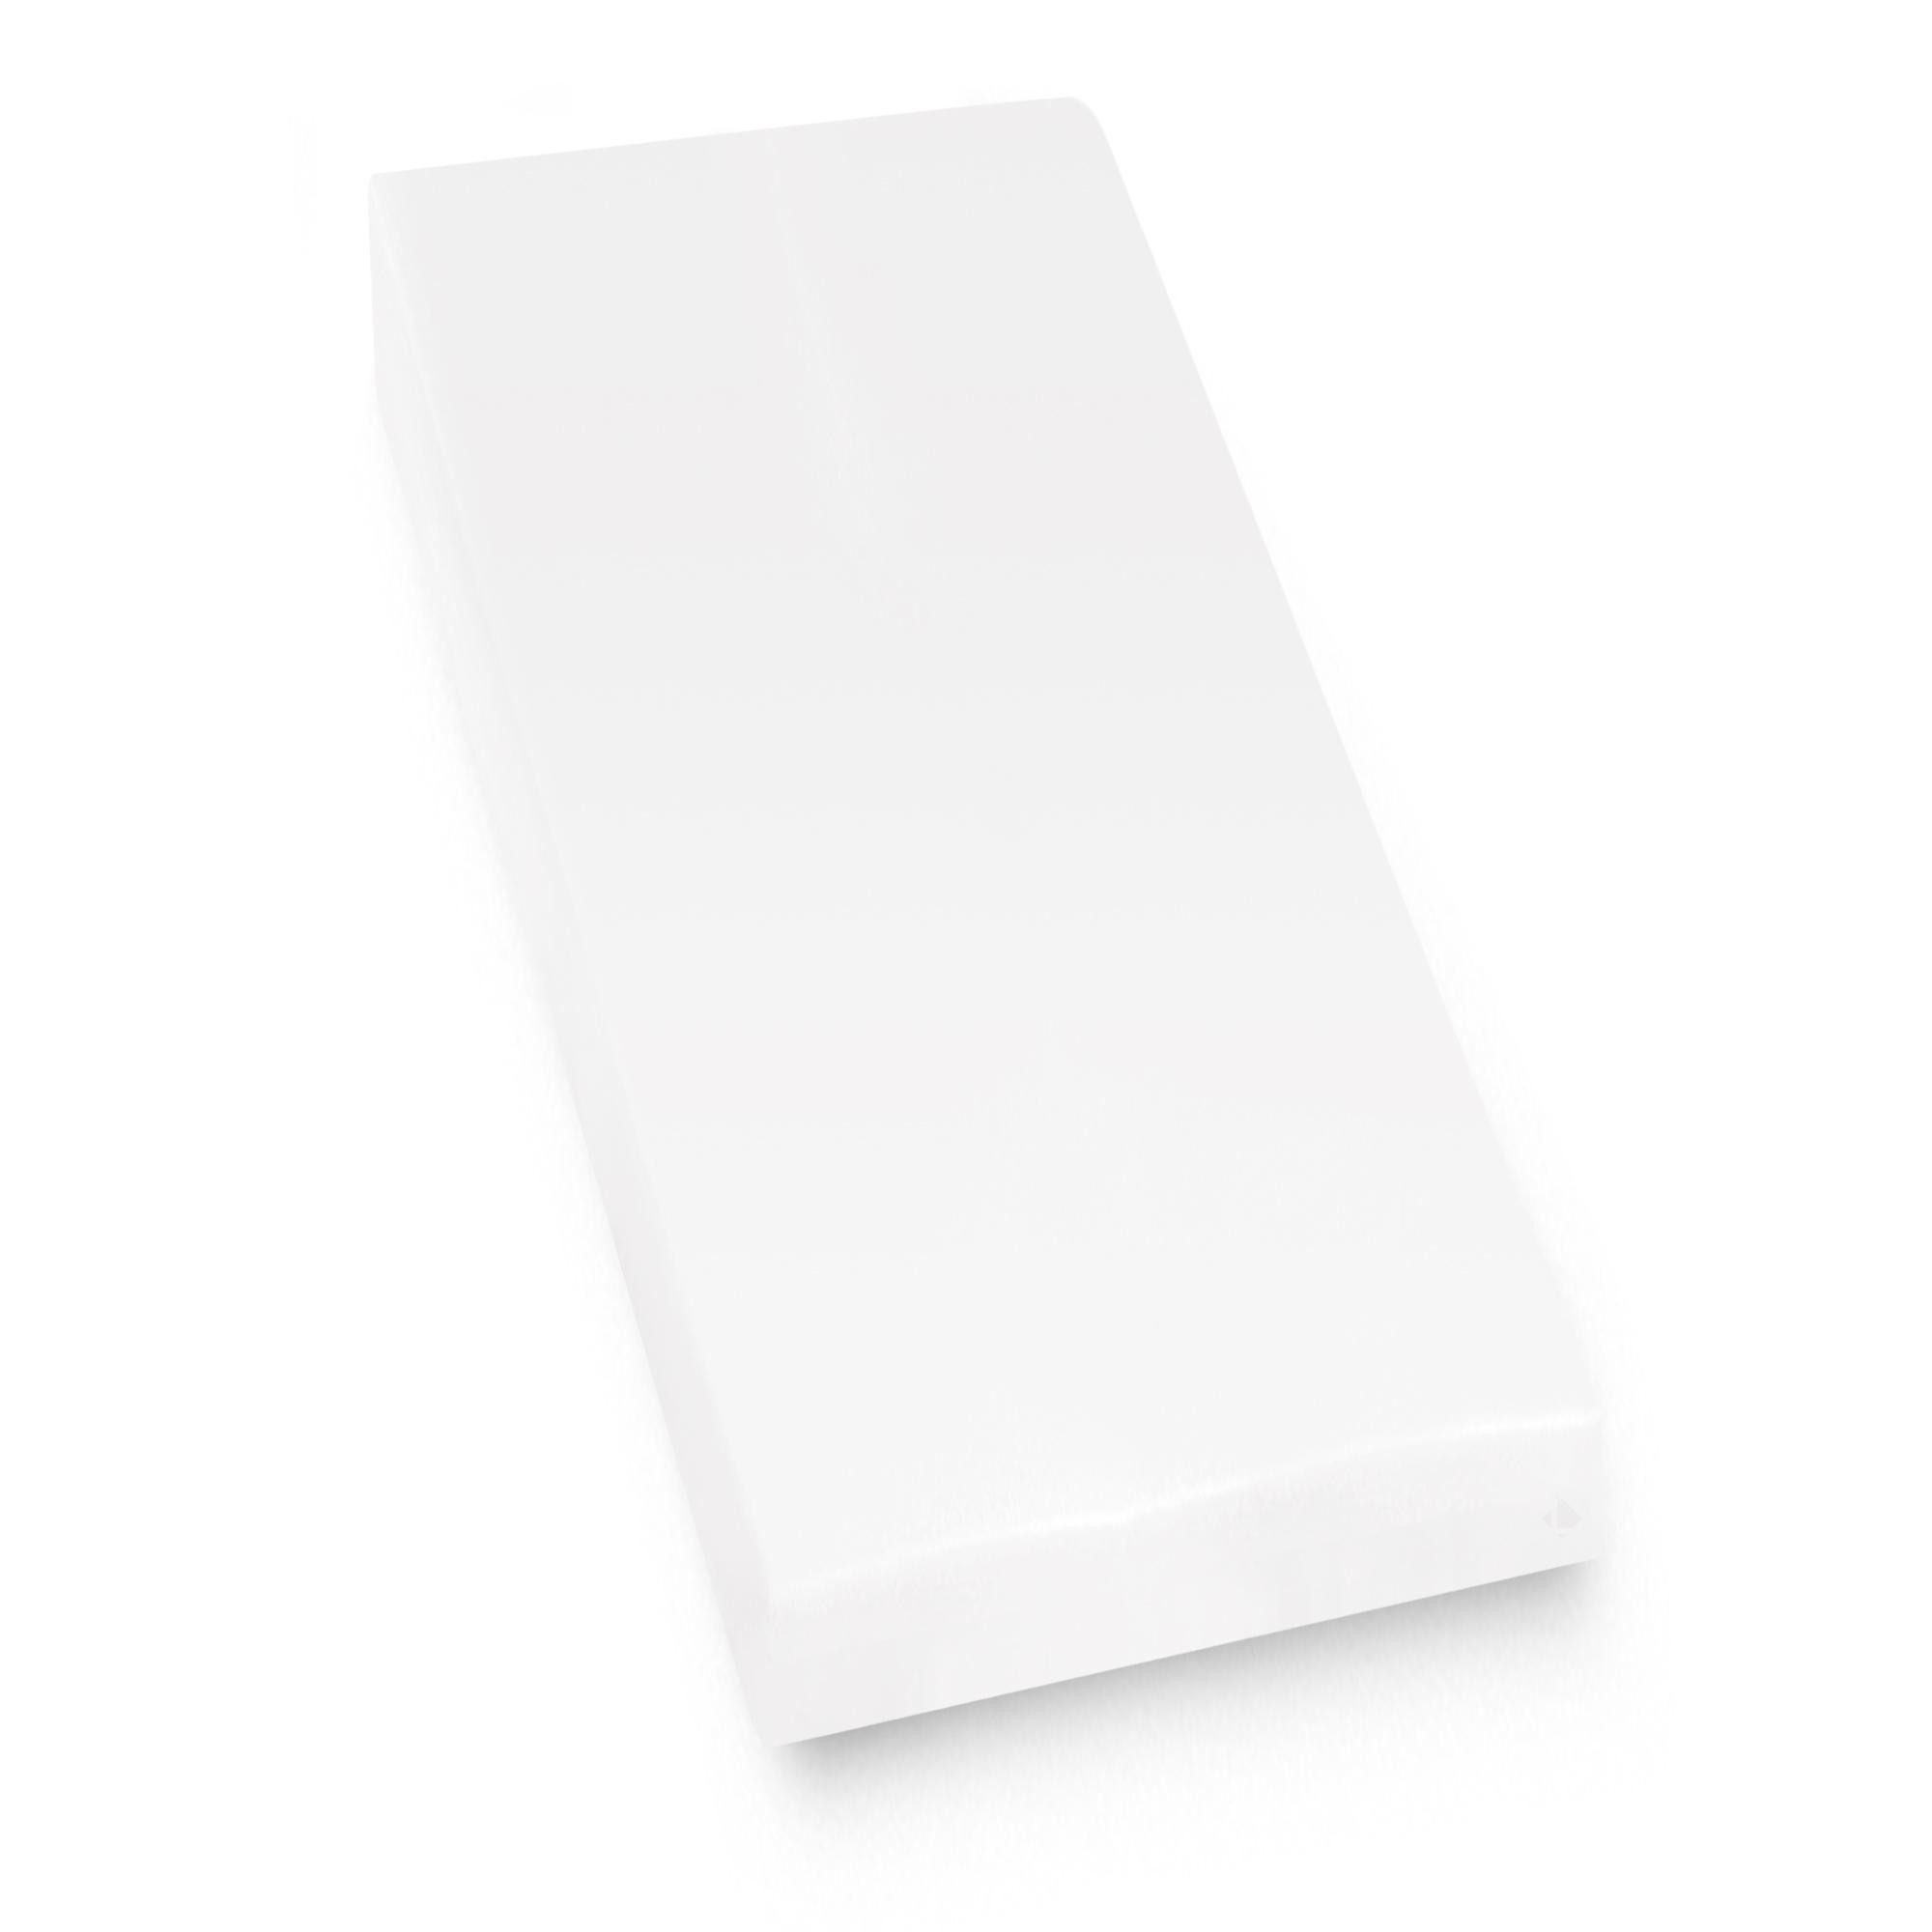 Linnea Protège matelas imperméable 80x210 cm bonnet 40cm ARNON molleton 100% coton contrecollé polyuréthane